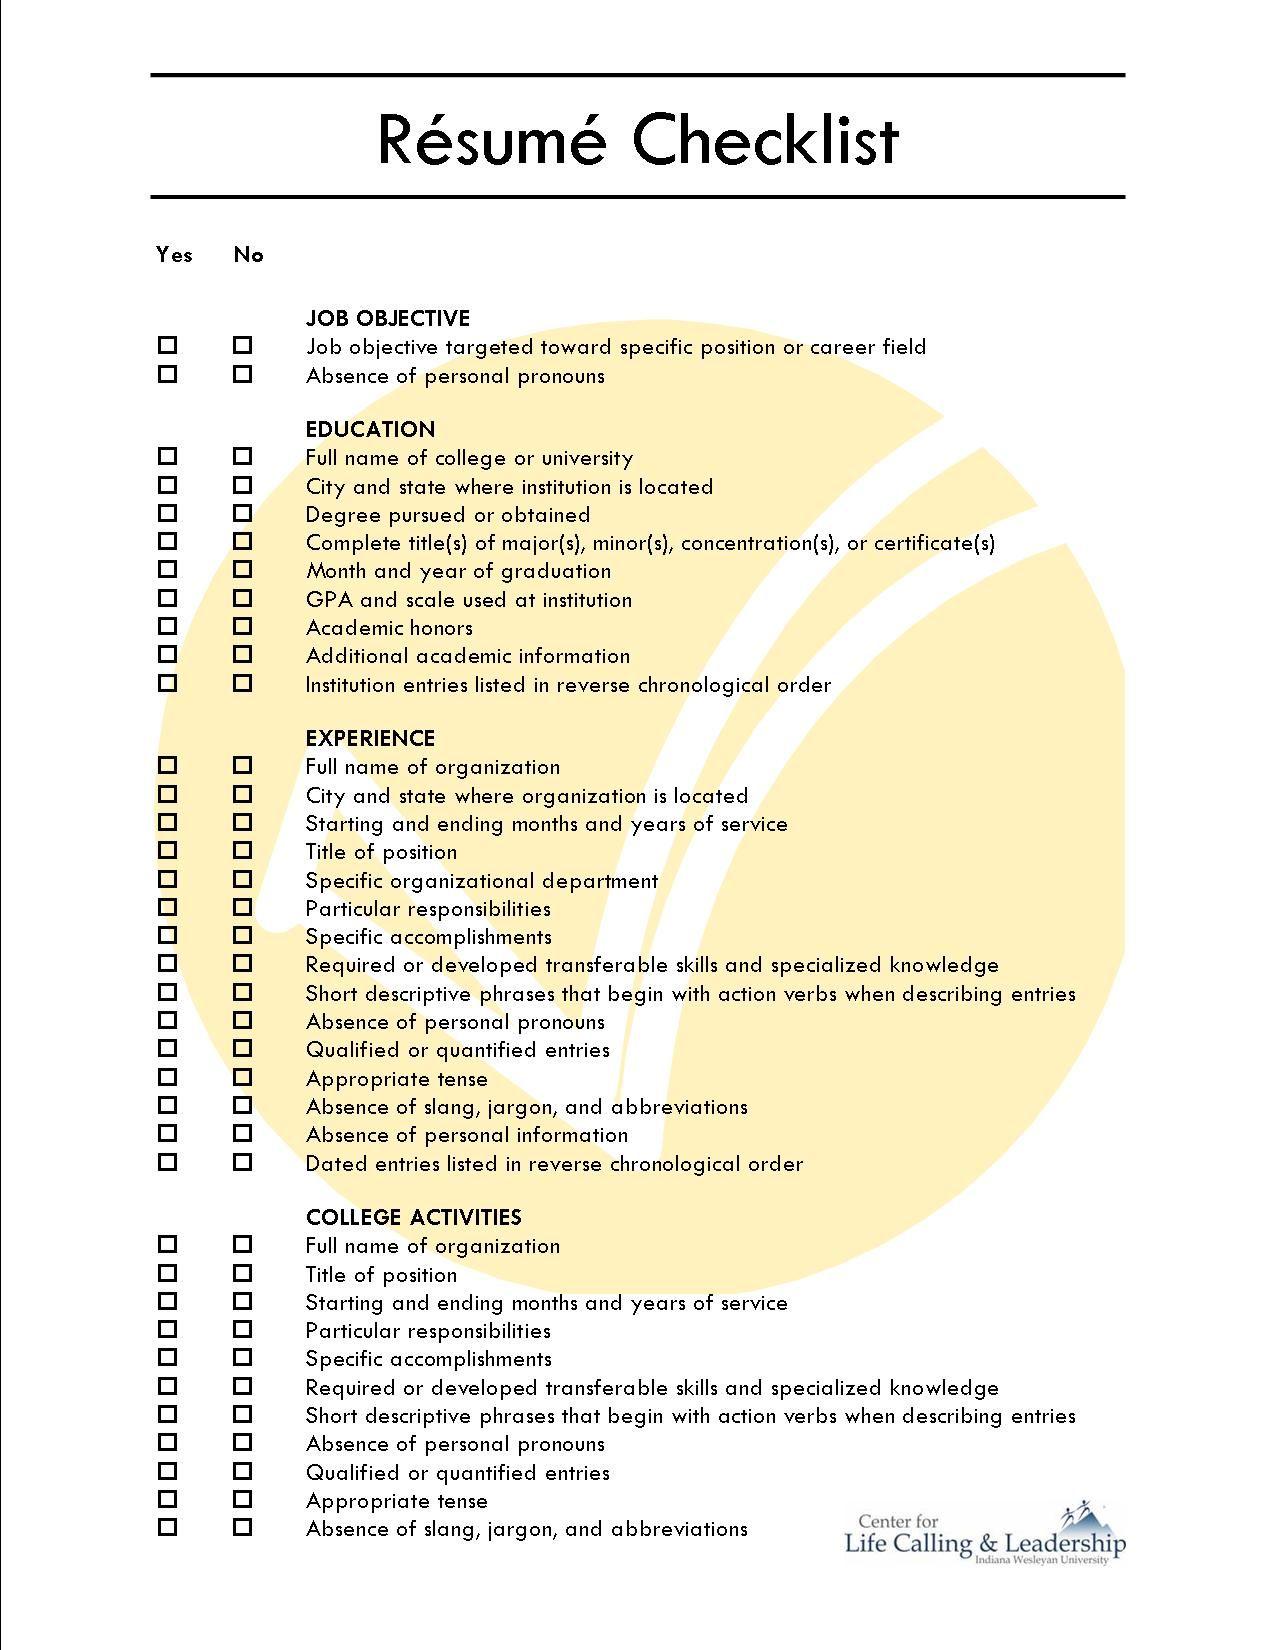 Comprehensive Resume Checklist Sample Comprehensive Resume